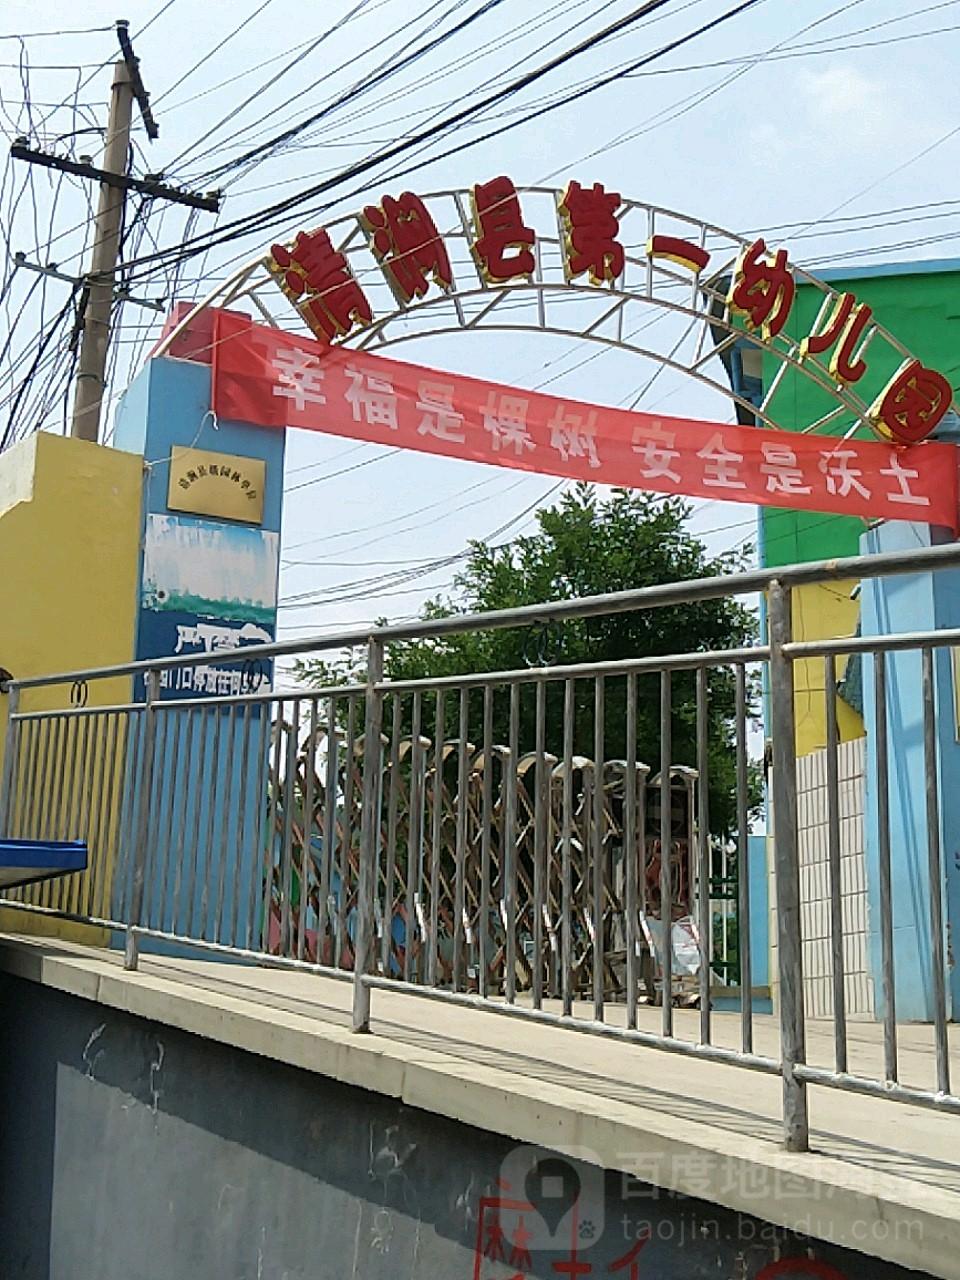 清涧县第一幼儿园